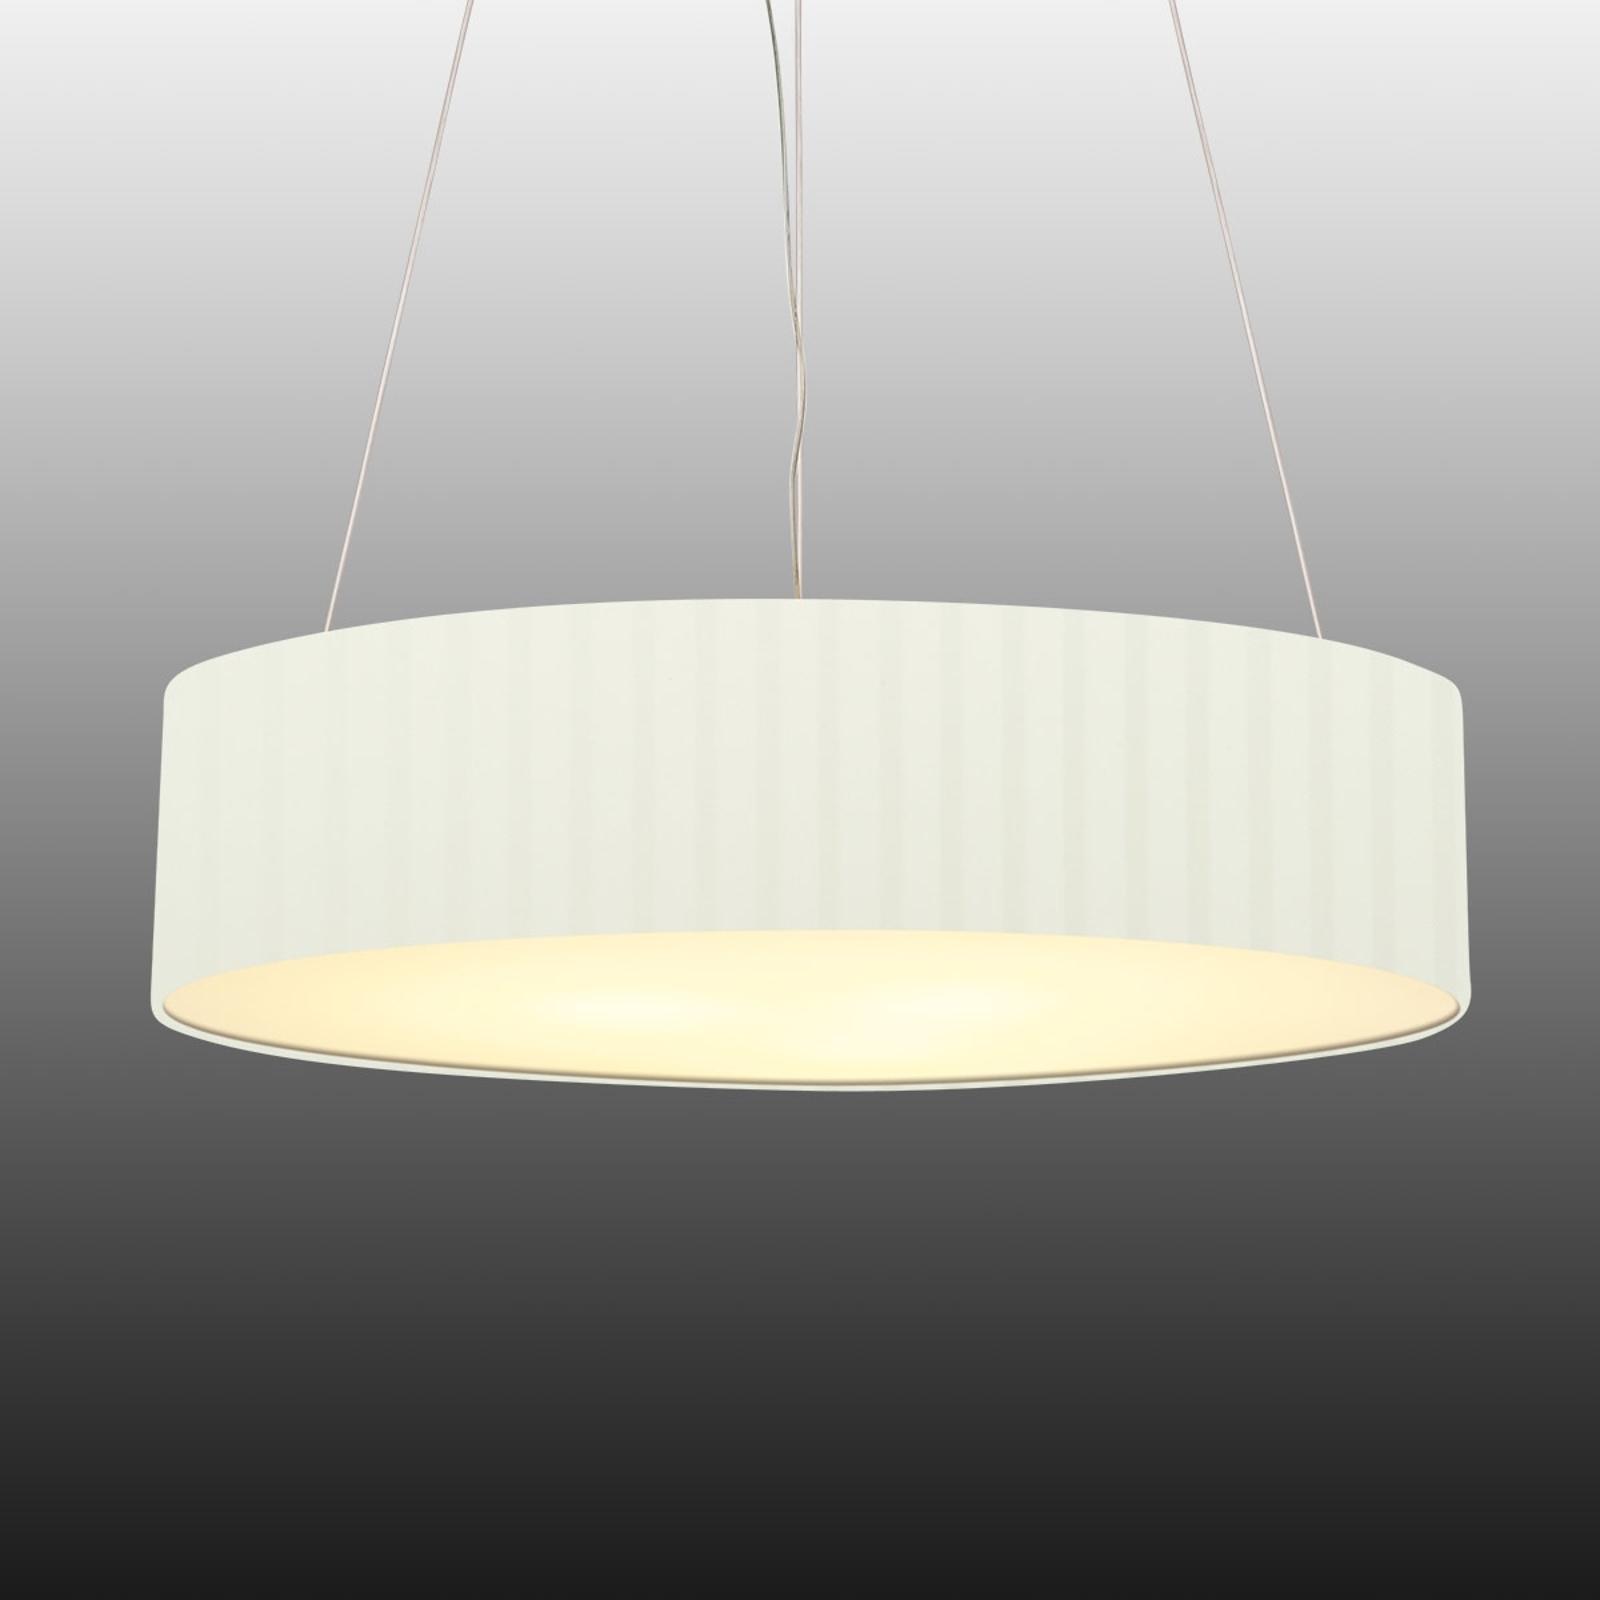 Lampa wisząca Benito, okrągła, 120 cm